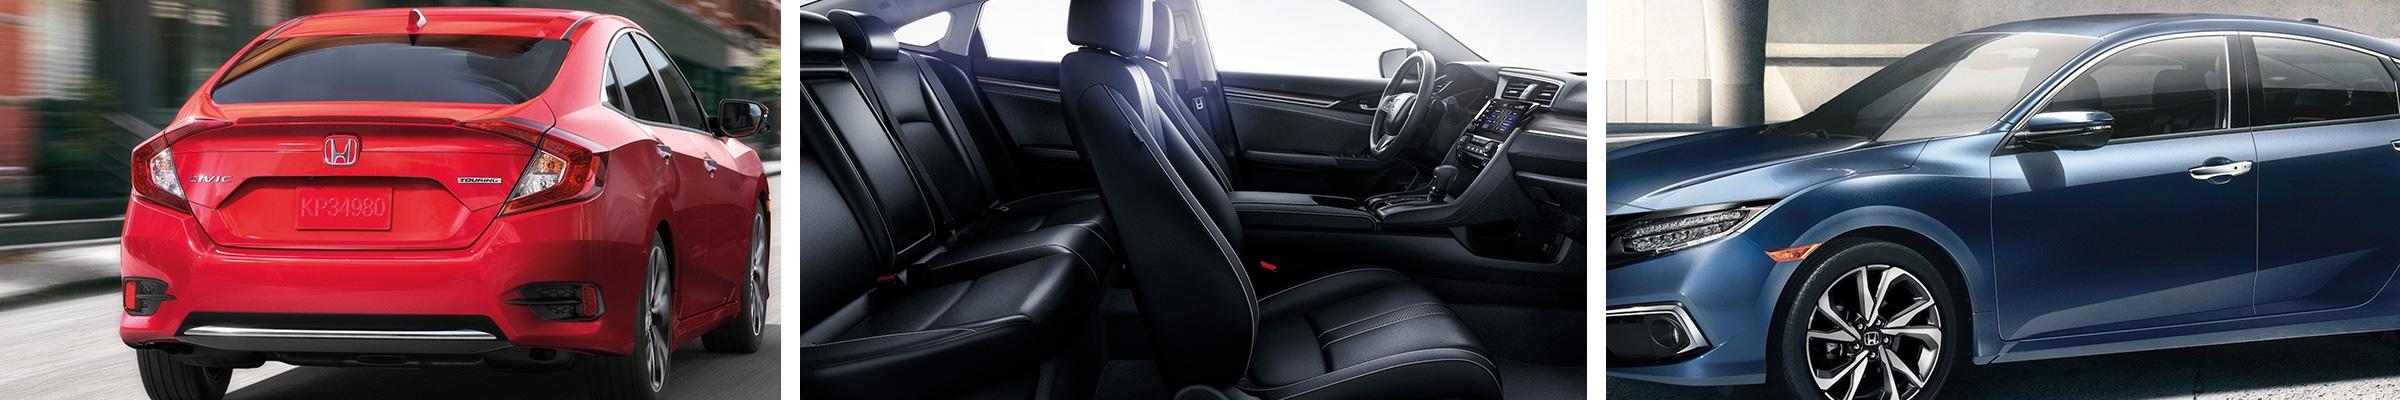 2021 Honda Civic For Sale Dearborn MI   Detroit